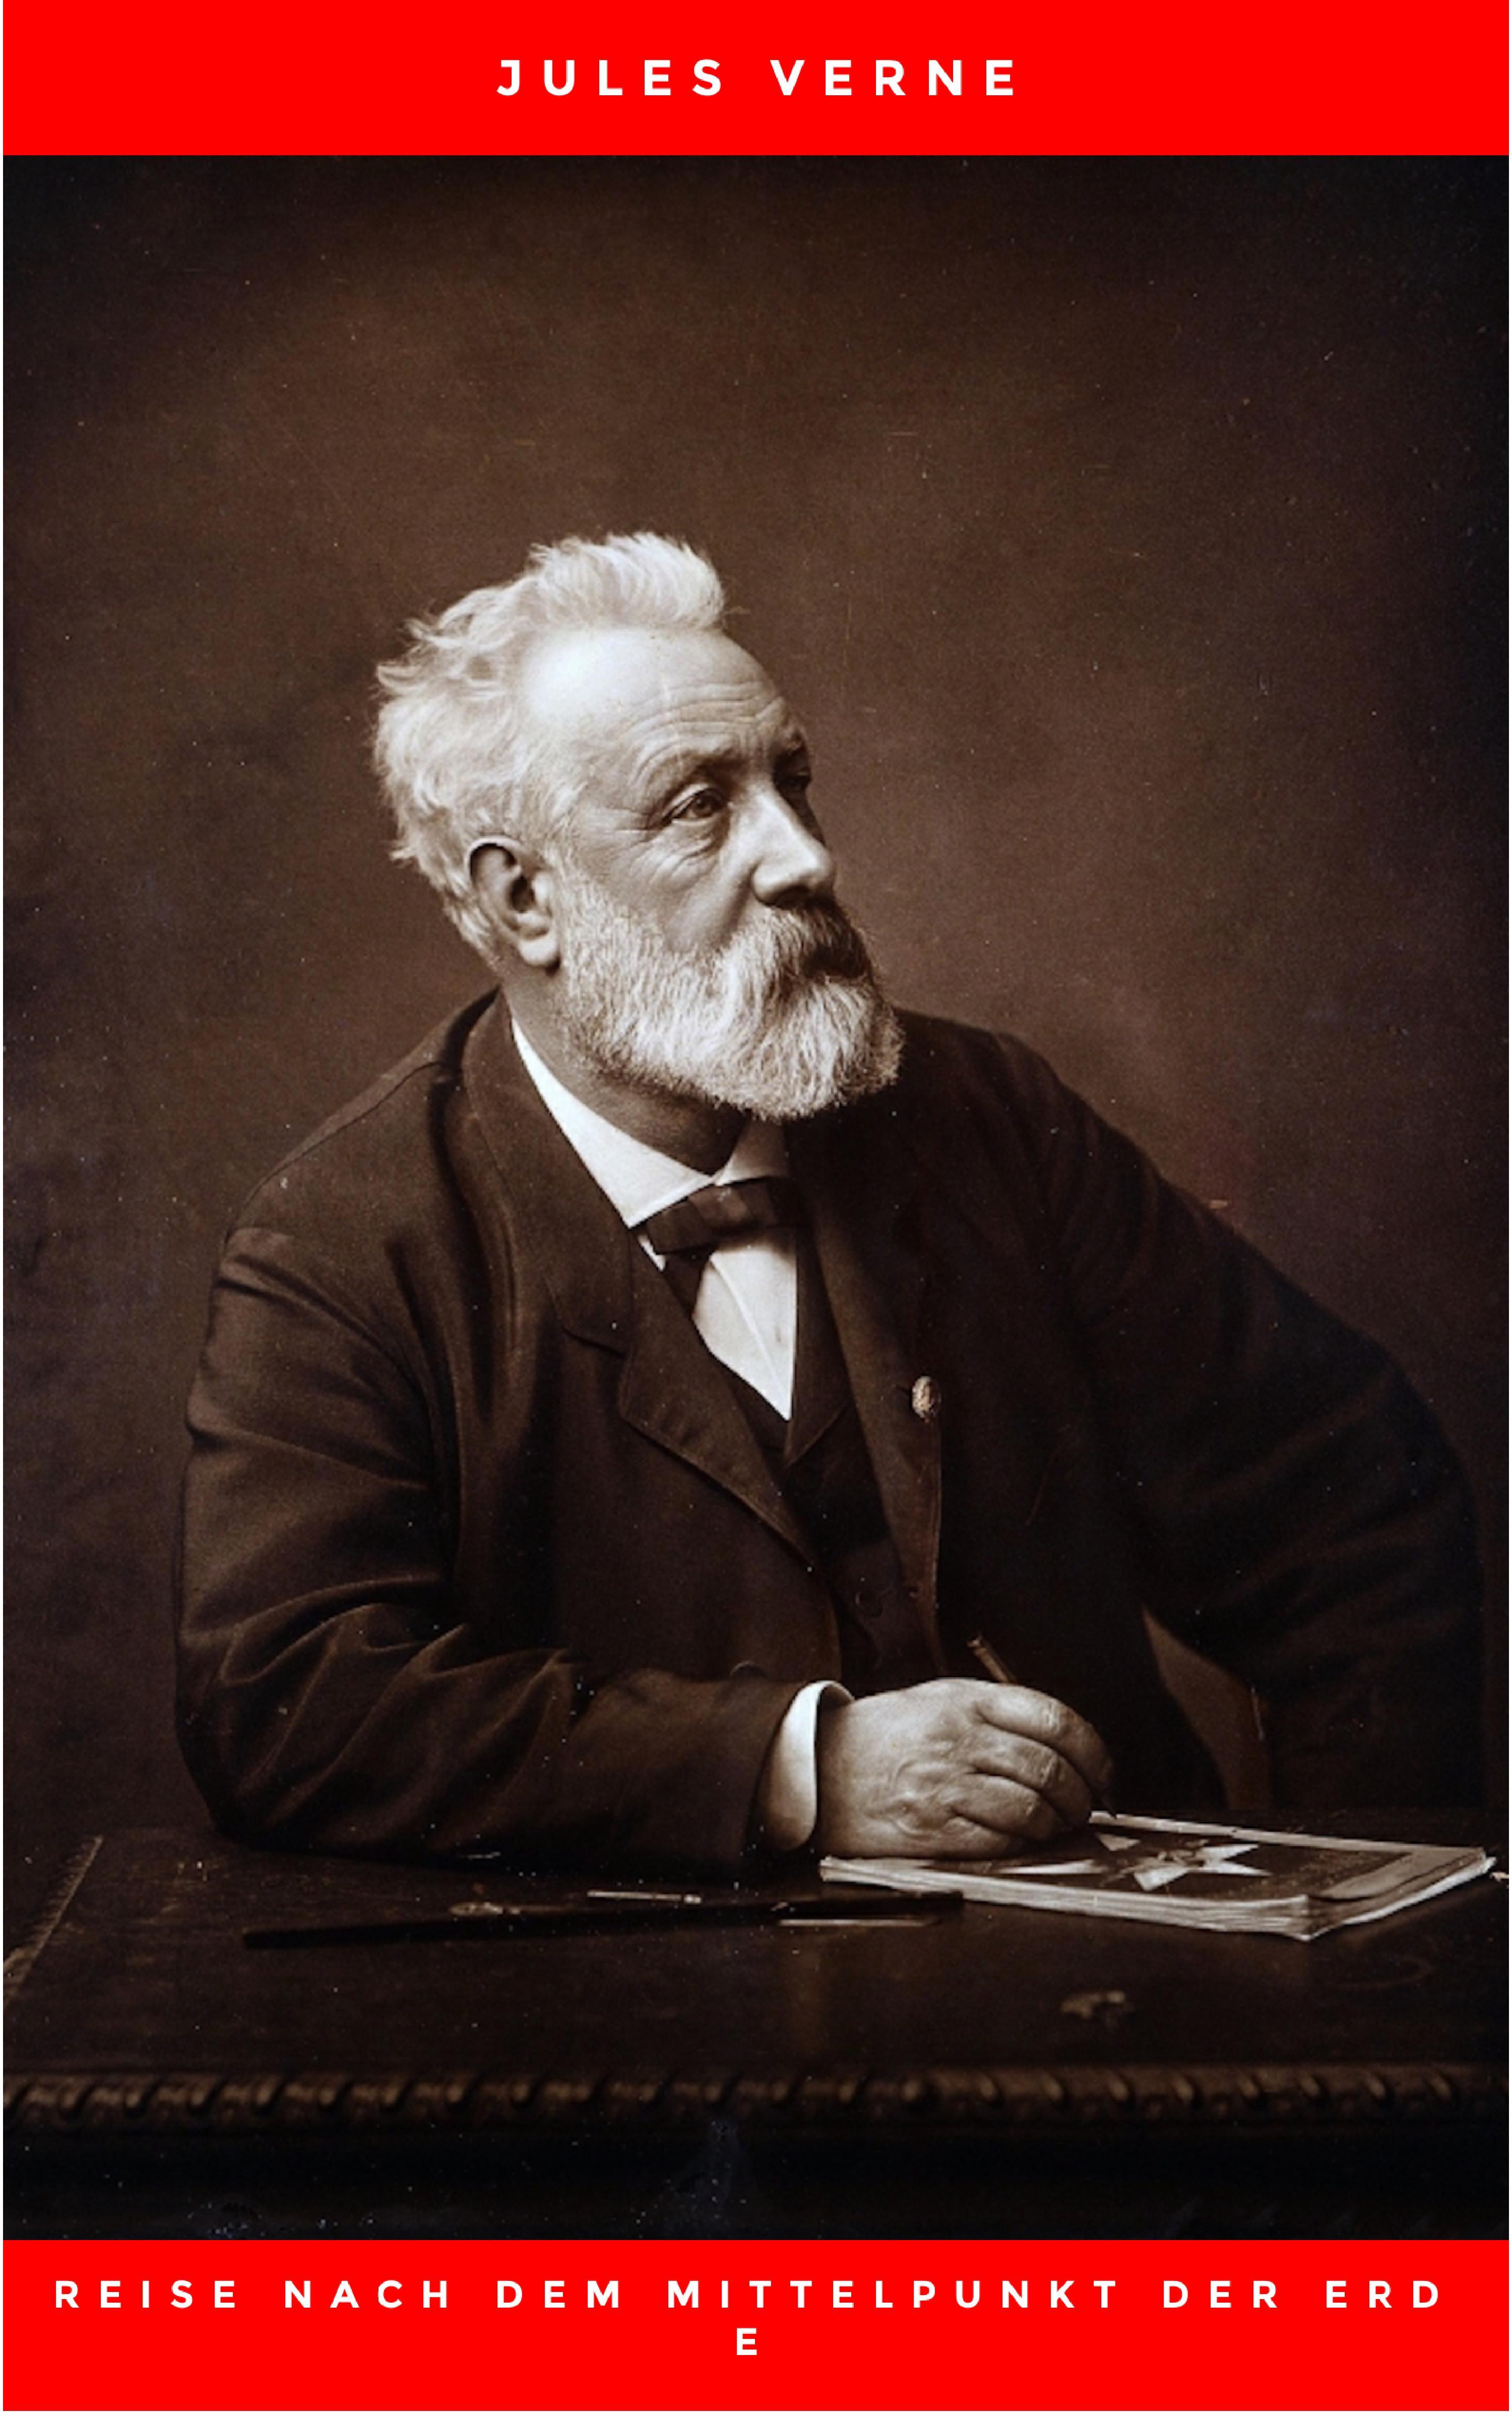 Jules Verne Reise nach dem Mittelpunkt der Erde mozart auf der reise nach prag